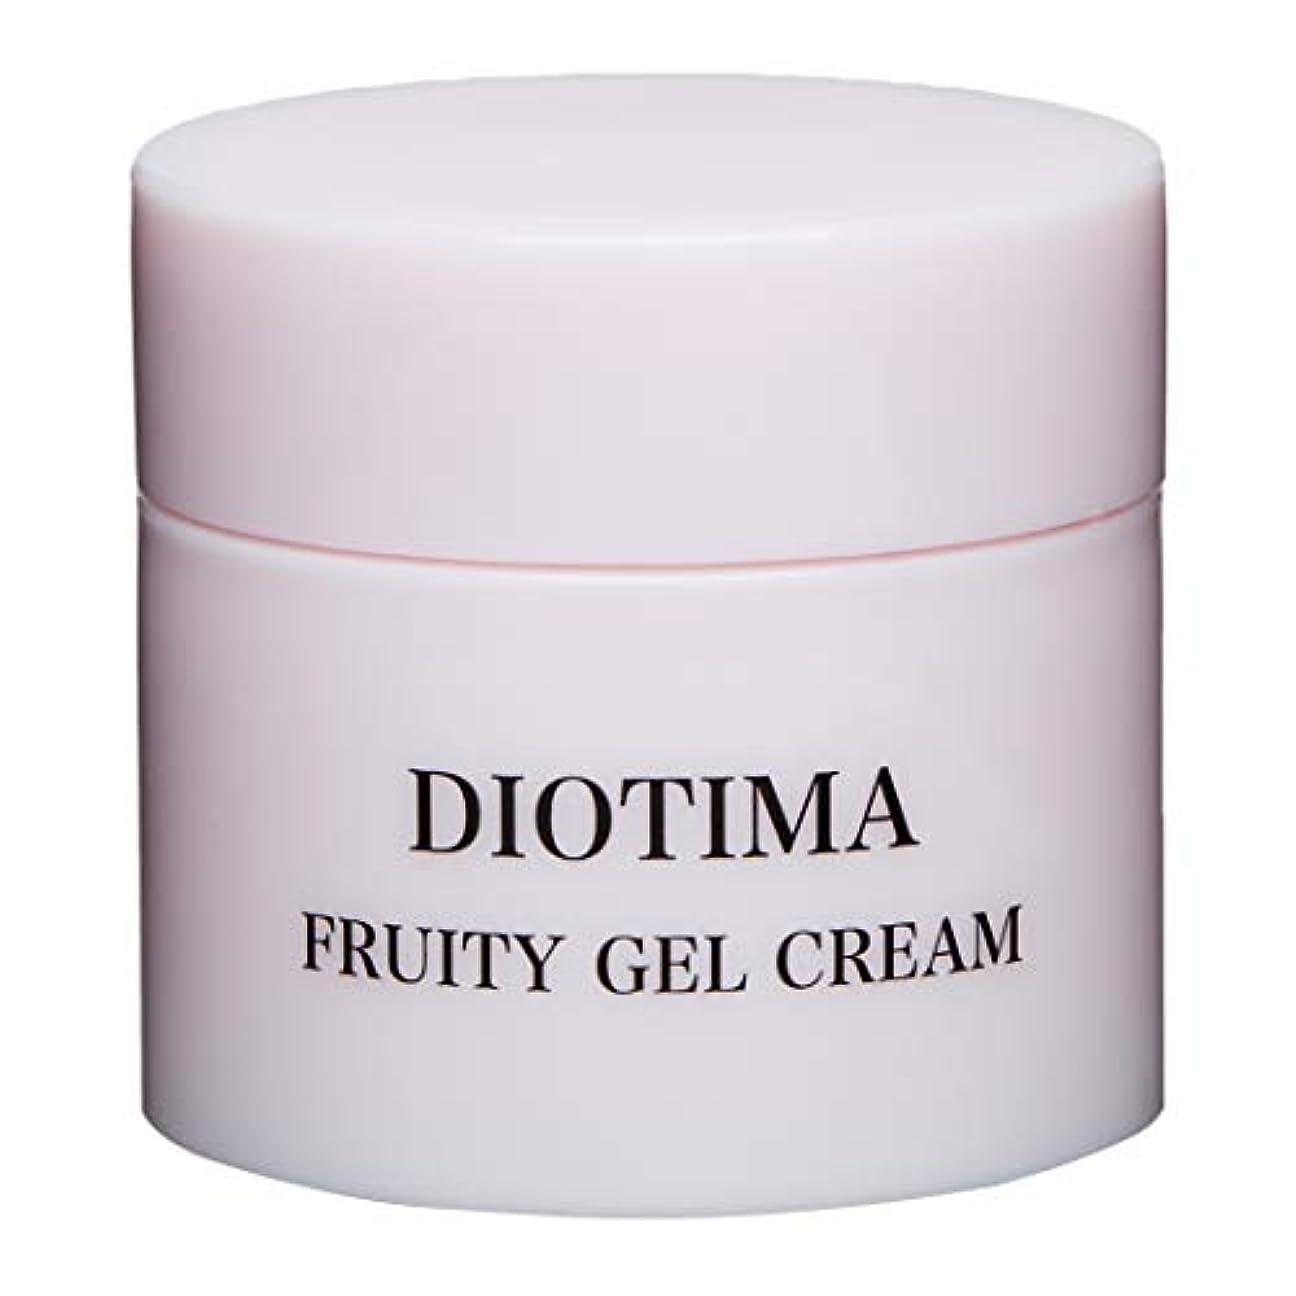 予想する特権埋めるDUITIMA(ディオティマ) ディオティマ フルーティジェルクリーム オールインワン 60g